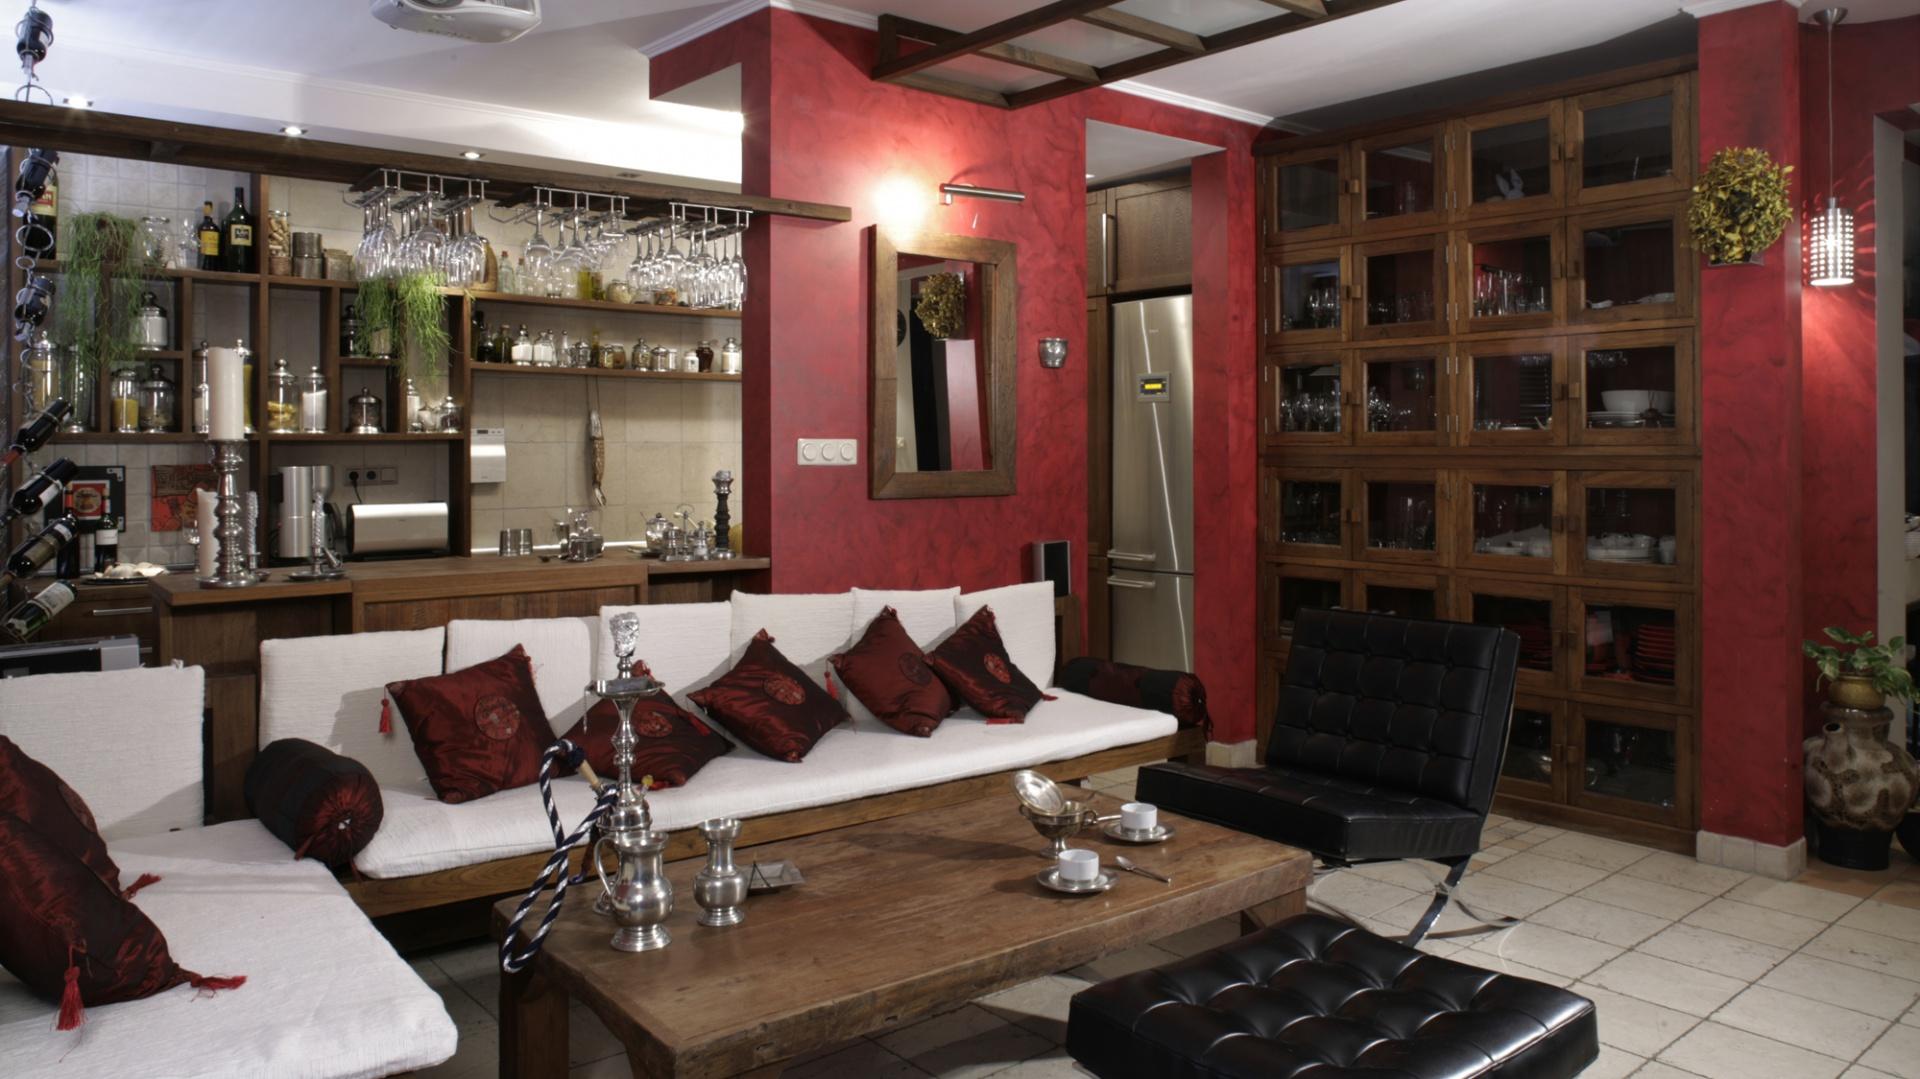 Zaskakujący, designerski akcent pojawia się w części wypoczynkowej salonu. Replika oryginalnego fotela Barcelona, zaprojektowanego przez Ludwiga Miesa van der Rohe, w ciekawy sposób przełamuje wszechobecny, orientalny styl wnętrza. Fot. Monika Filipiuk.